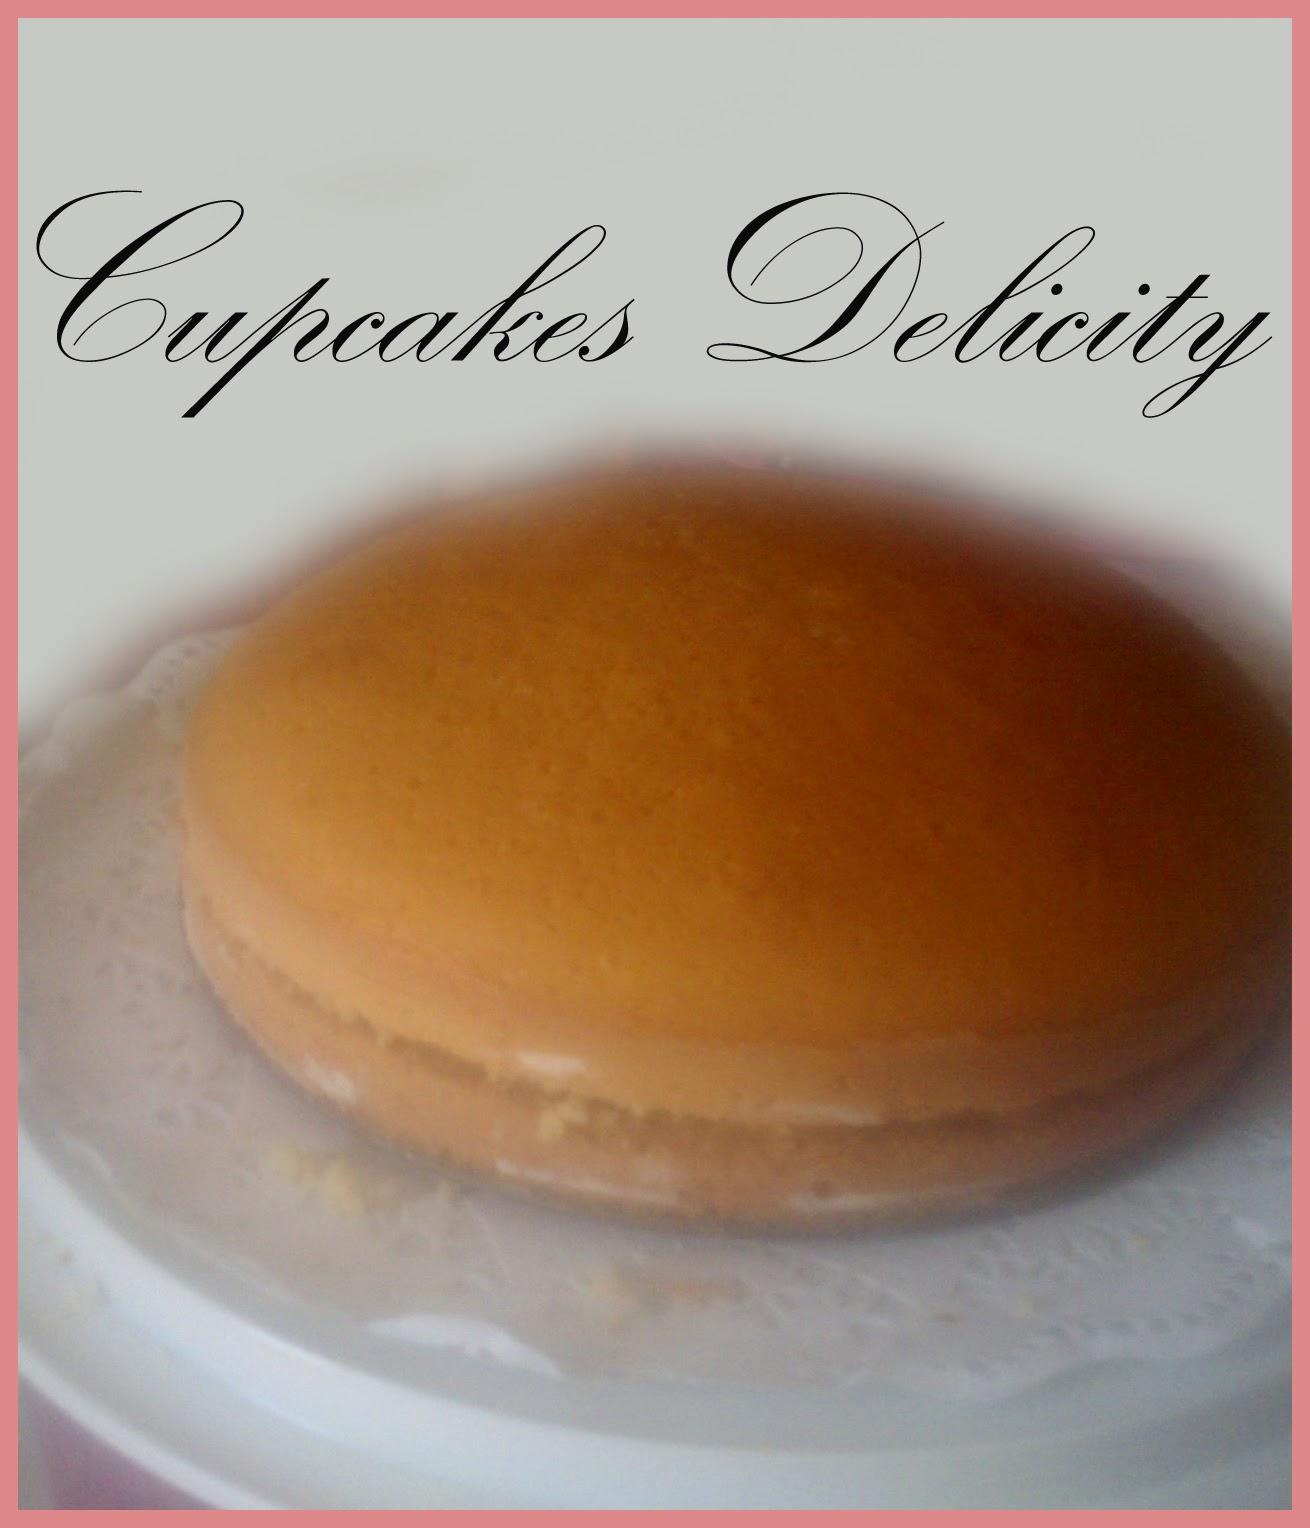 http://cupcakesdelicity.blogspot.com.es/2014/03/bizcochuelo-basico.html